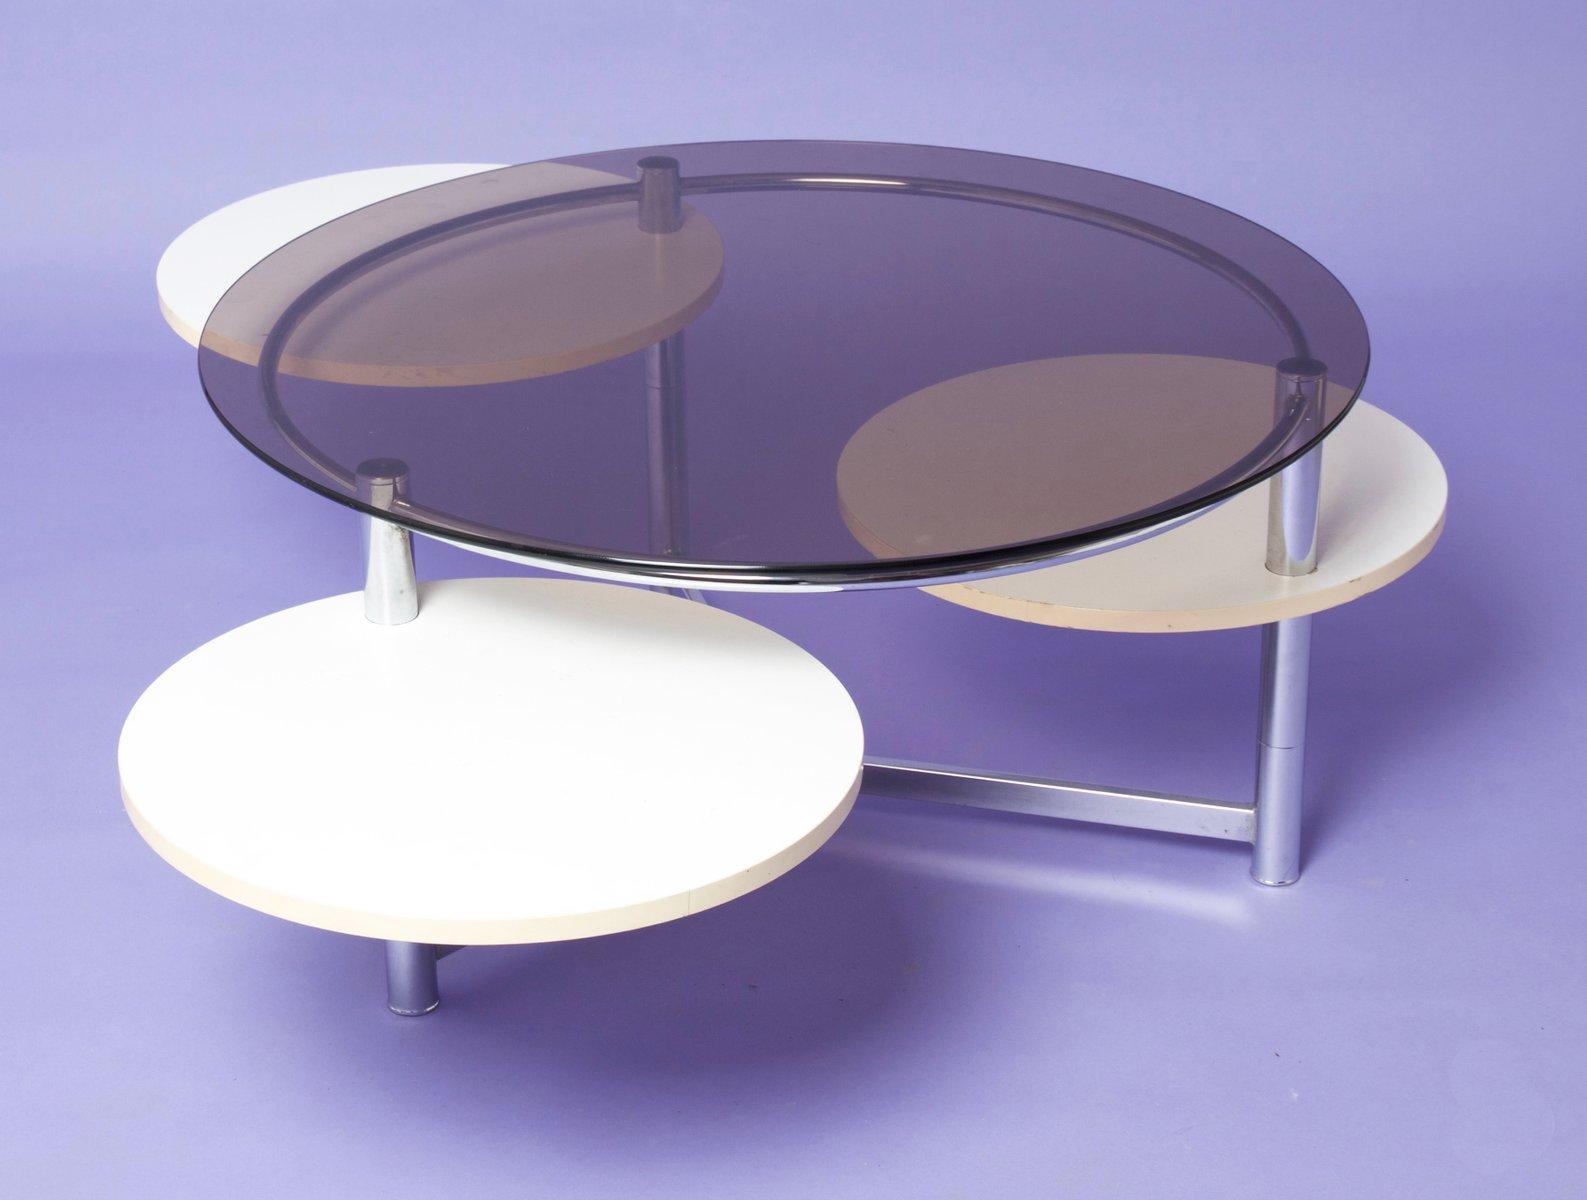 Table basse circulaire en verre fum avec trois plateaux - Table basse verre fume ...